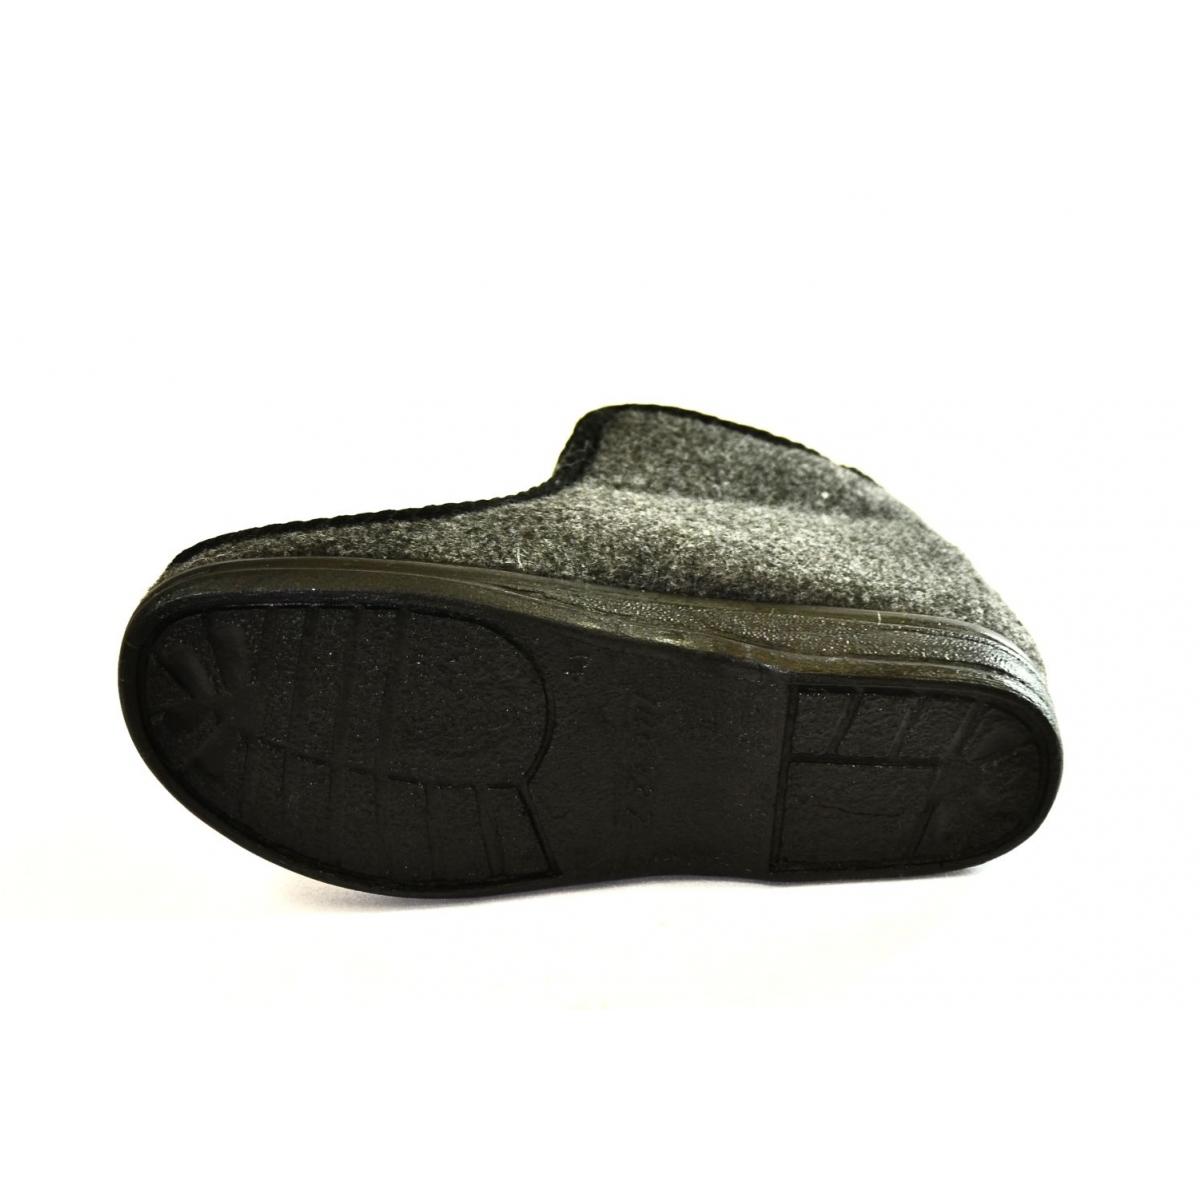 c90165958 Pánske sivé zimné papuče RINO | Johnc.sk